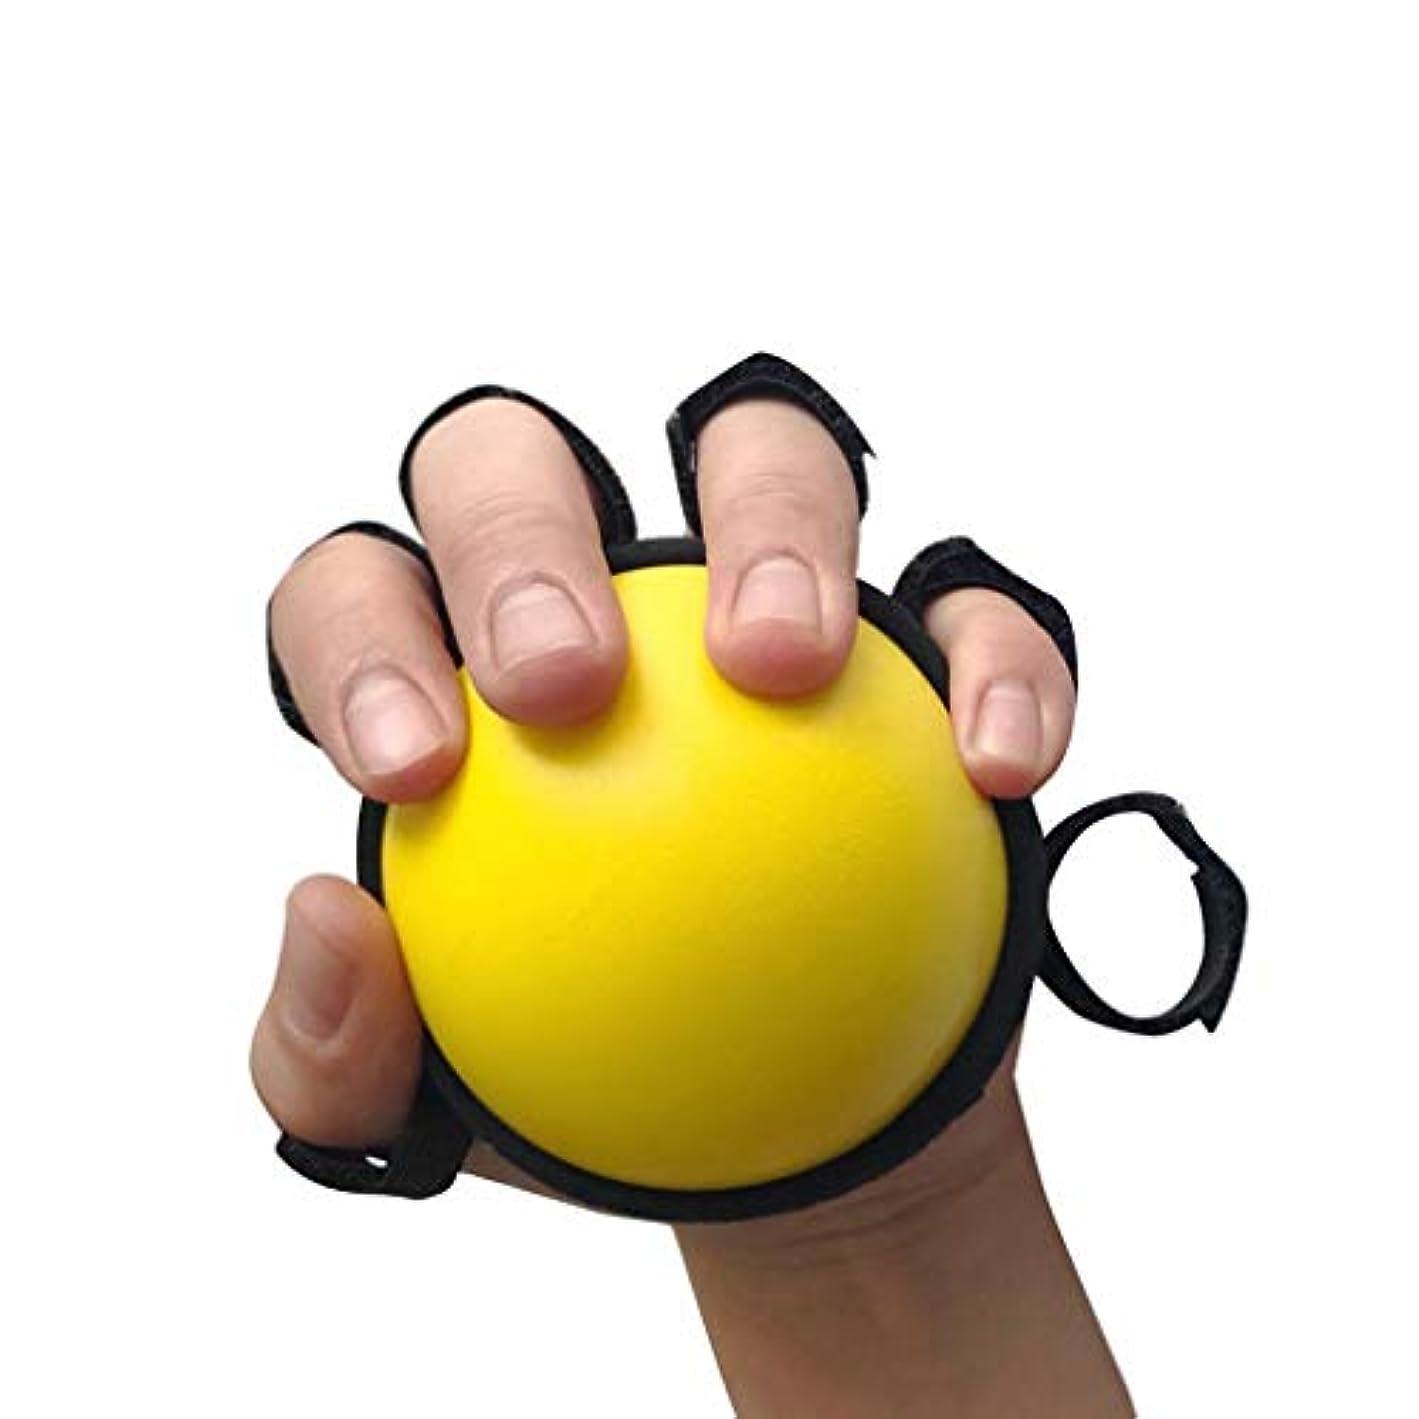 普通の暗殺者レイアストロークを軽減するために、5本指の分離グリップボールリハビリトレーニング、指が自分自身を分離することはできません手にハイ筋肉の緊張を持つ人々のために適した片麻痺、手指し機器は、緩和することができます